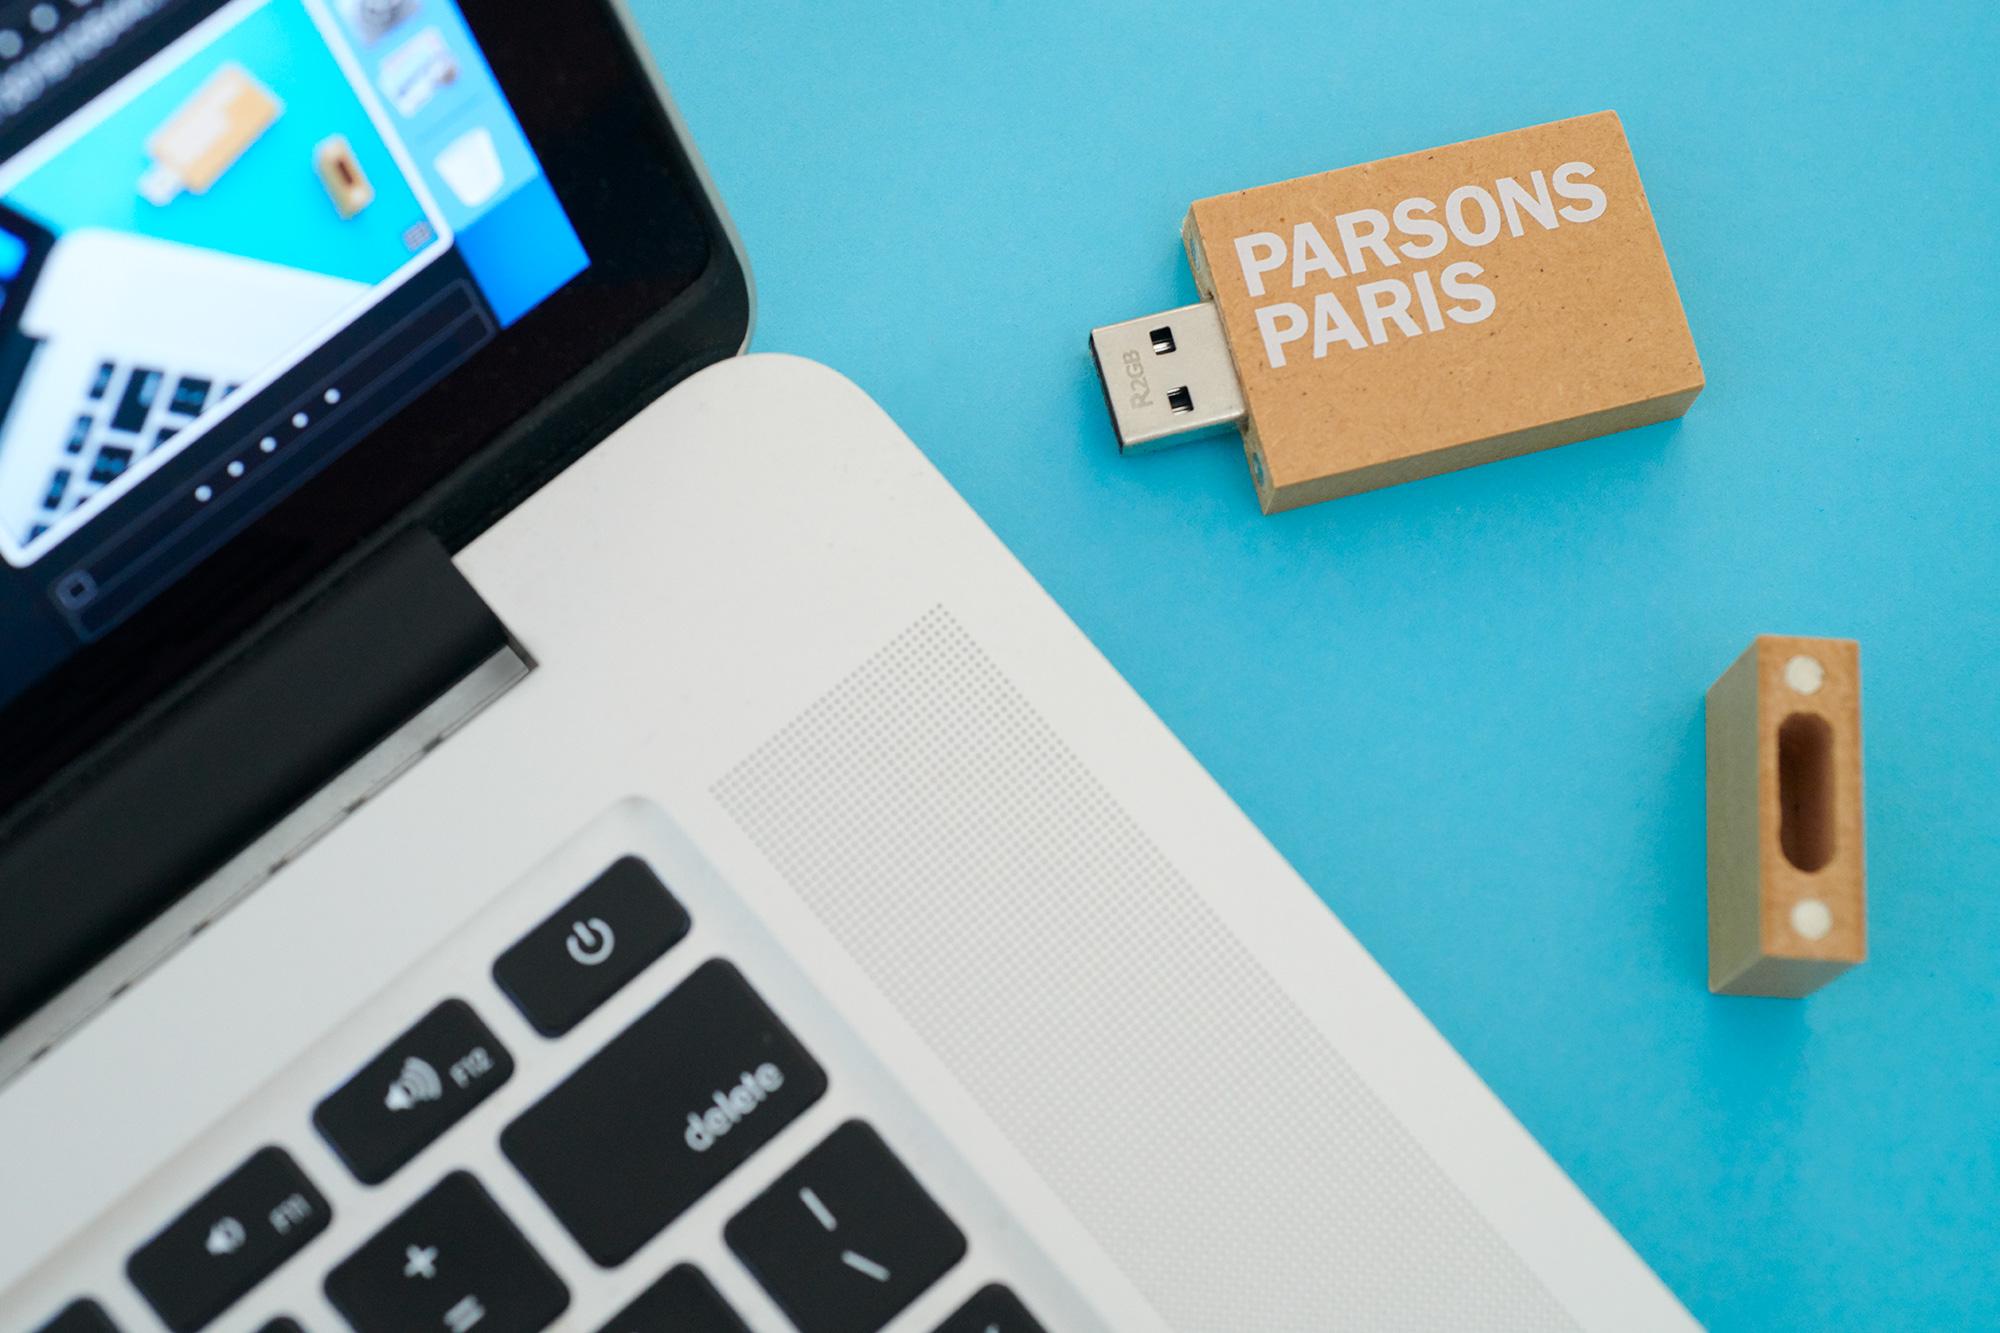 Paula_Giraldo_Parsons_Paris_2.jpg